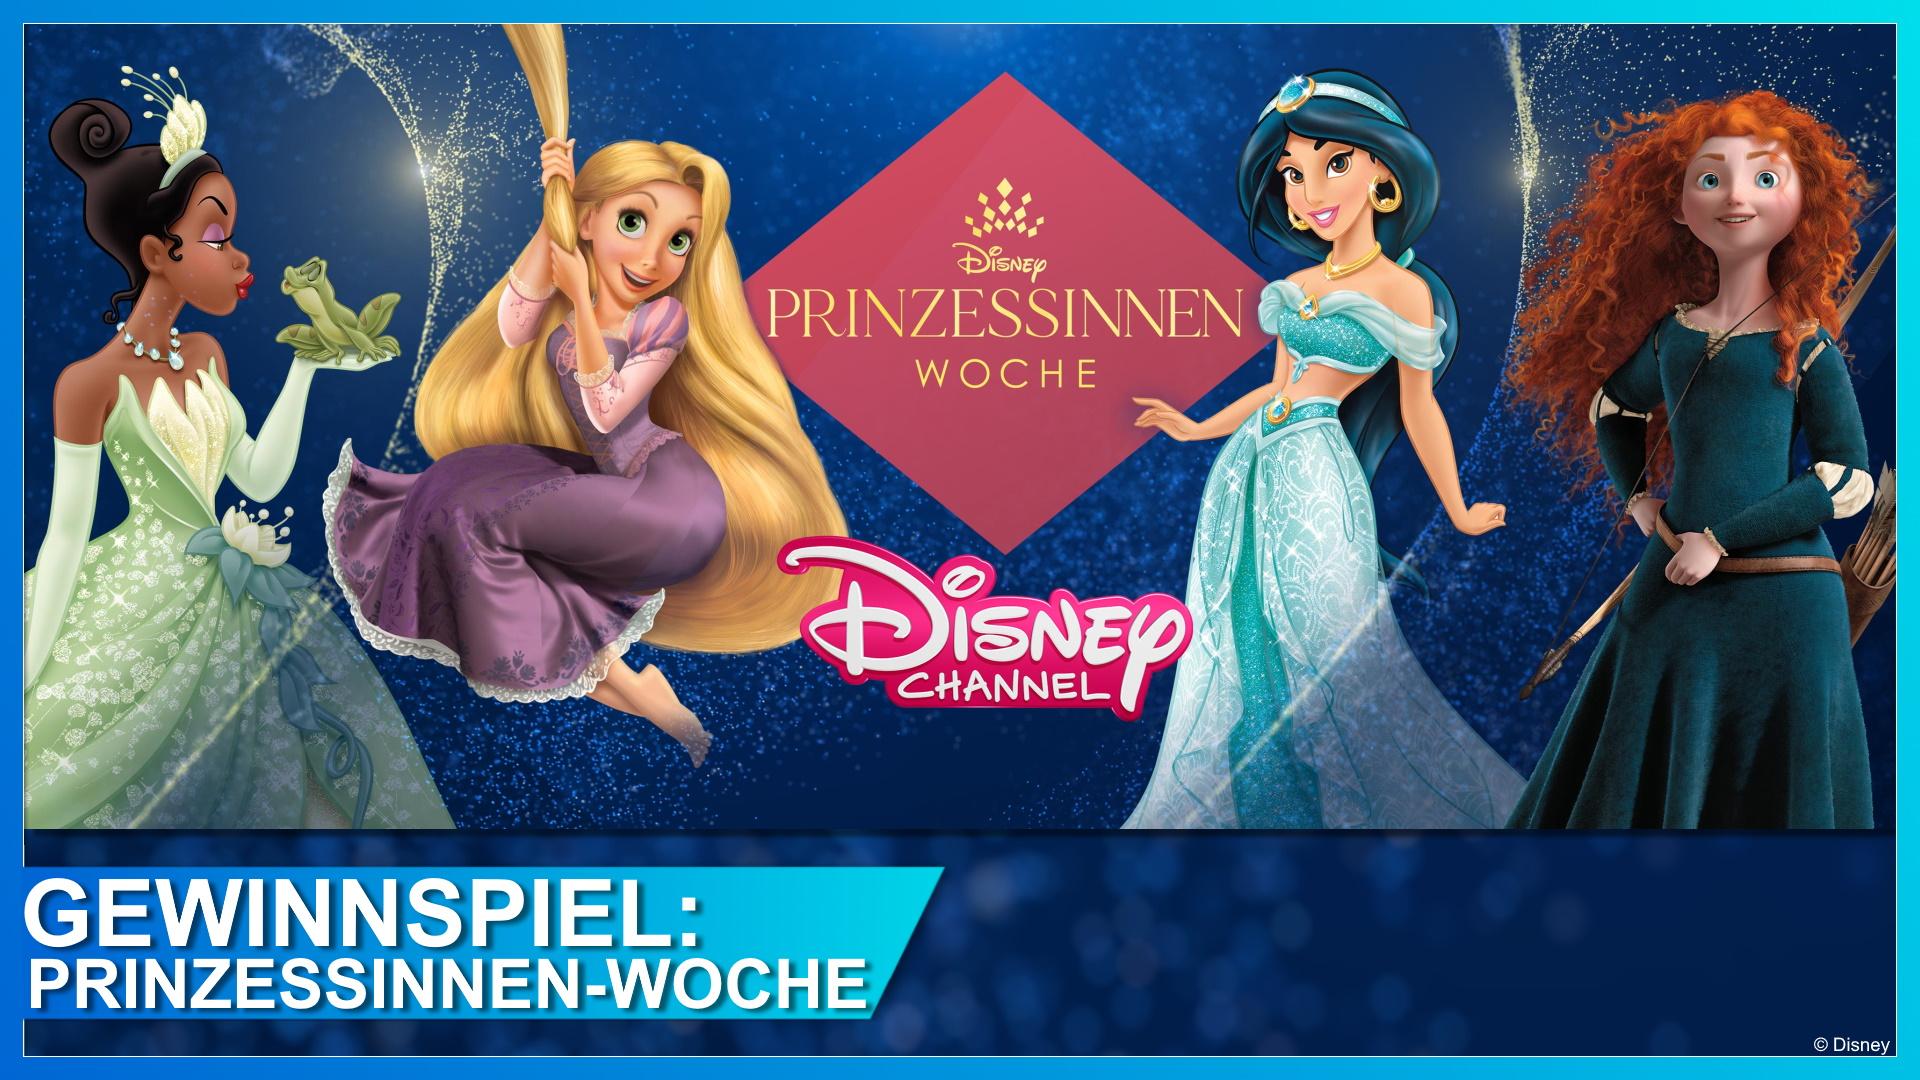 Disney Channel Prinzessinnen-Woche